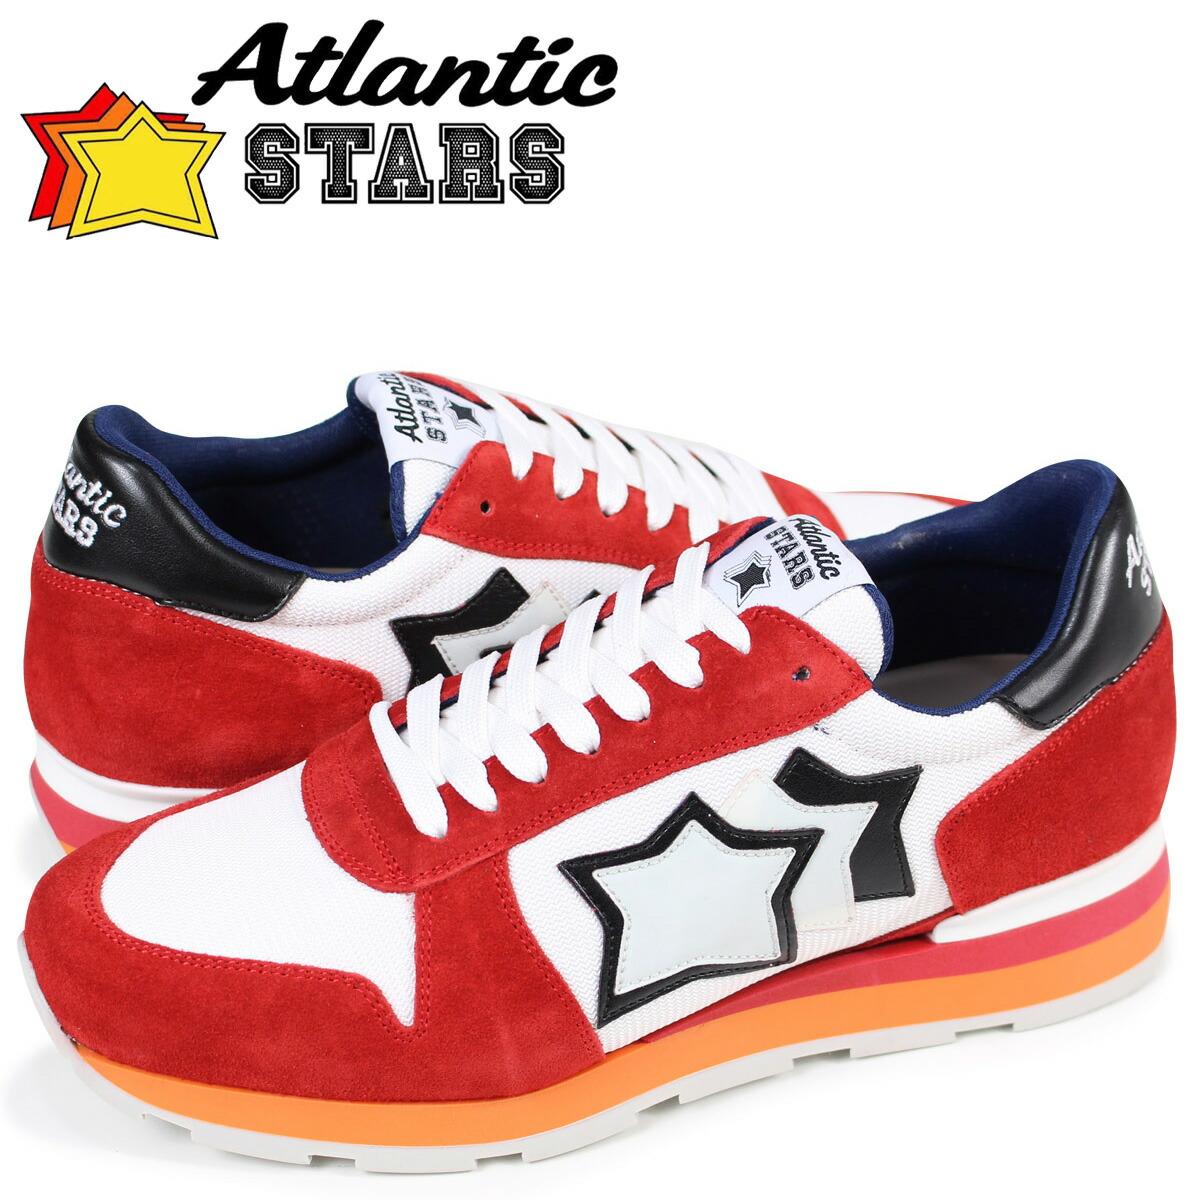 アトランティックスターズ メンズ スニーカー Atlantic STARS シリウス SIRIUS RB-85B ホワイト [1/15 追加入荷]